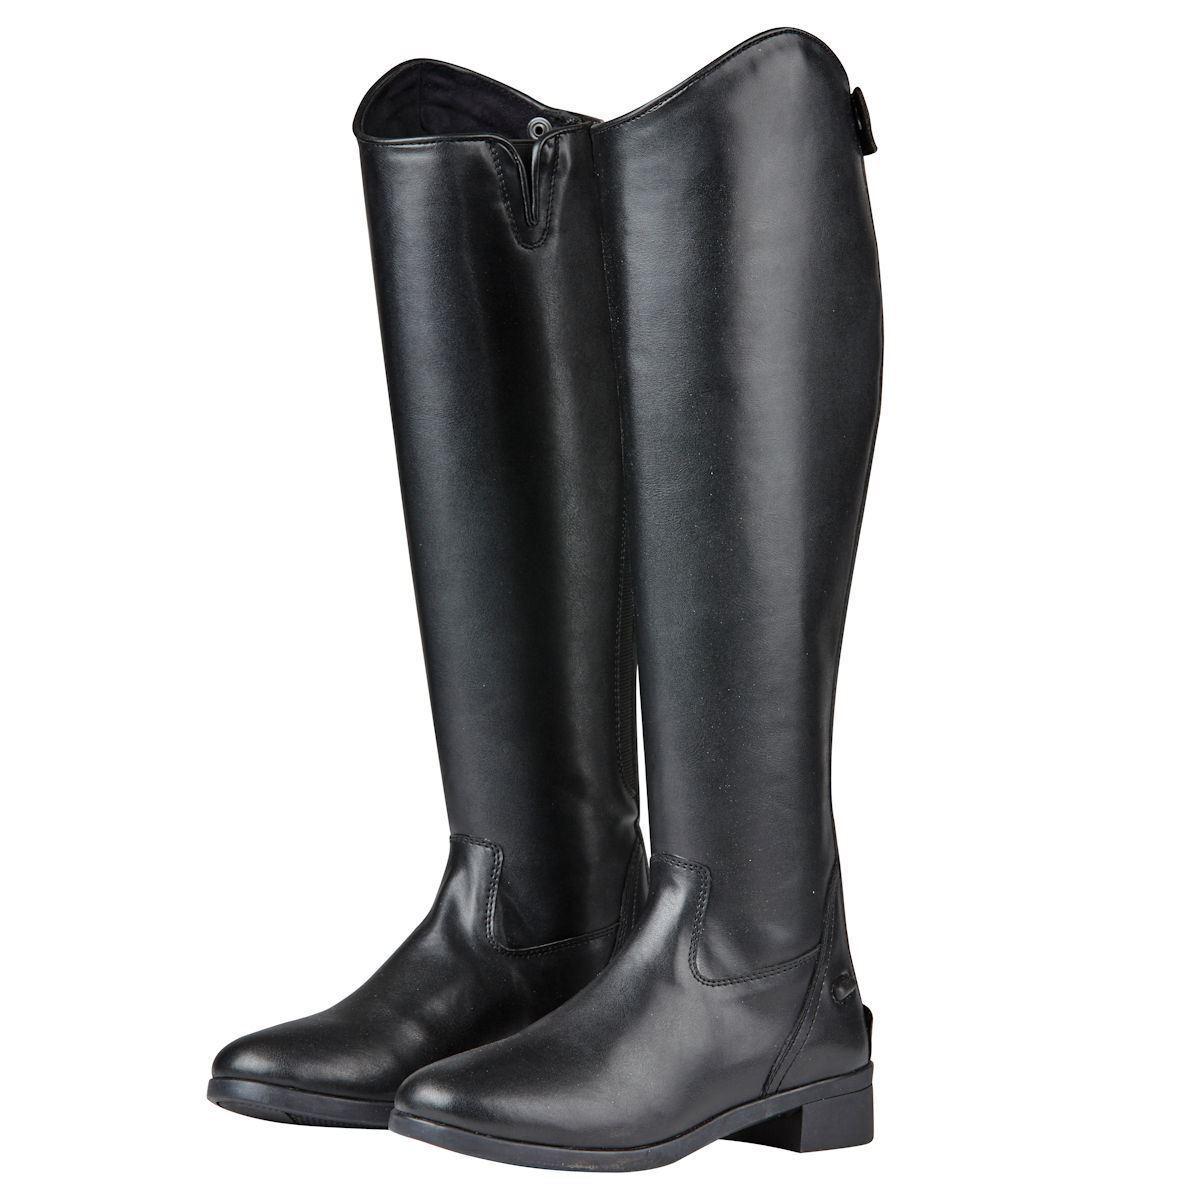 Saxon Syntovia Tall Dress Stiefel Leather Look YKK Zip